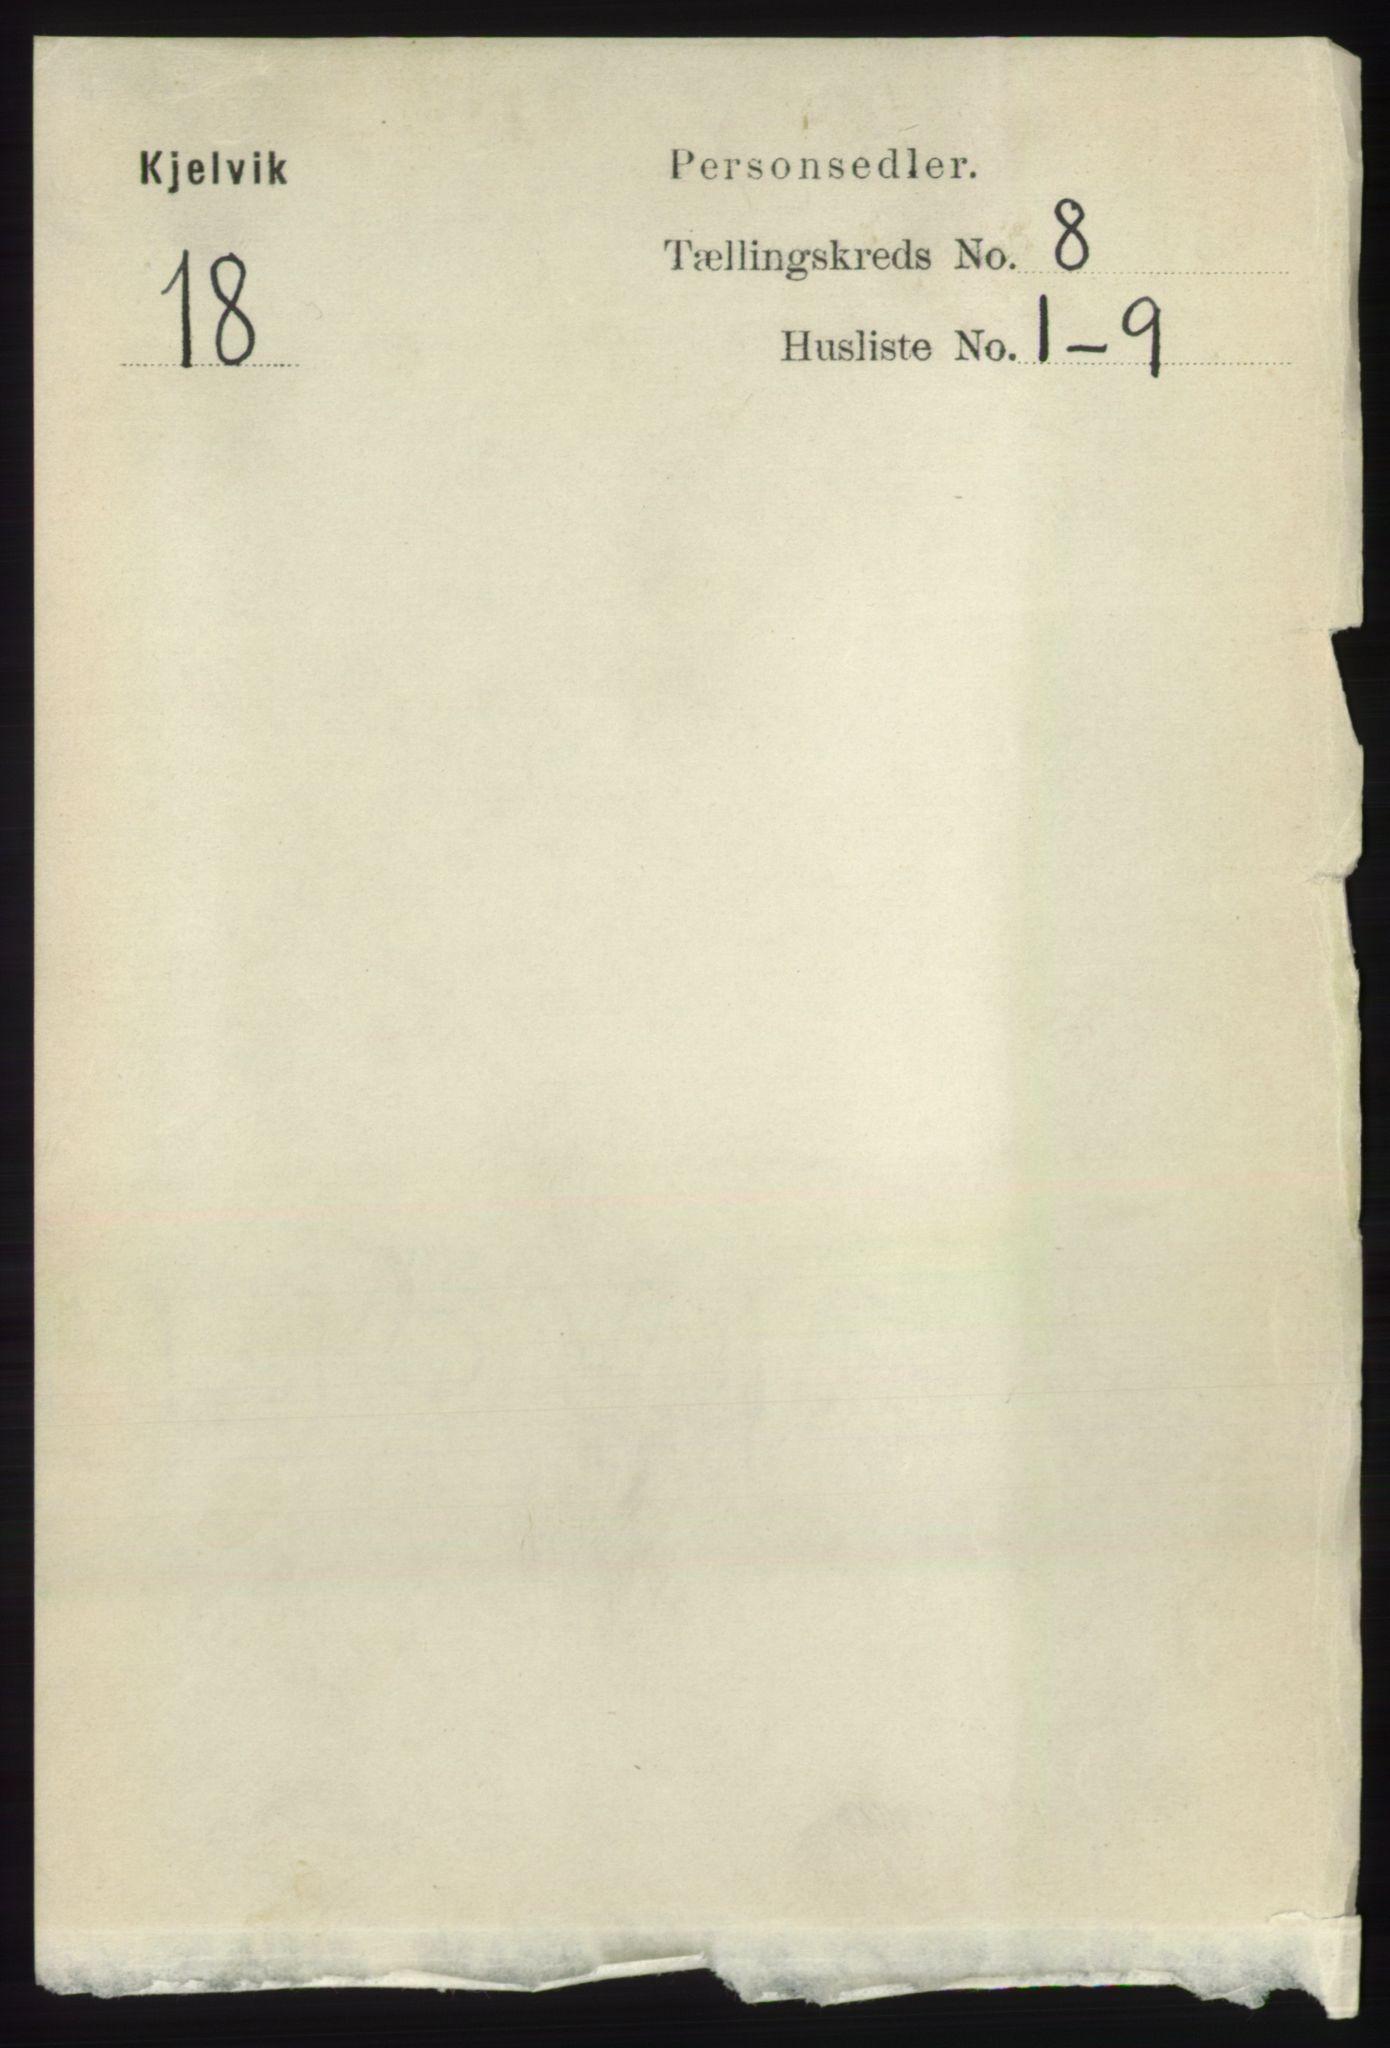 RA, Folketelling 1891 for 2019 Kjelvik herred, 1891, s. 1174